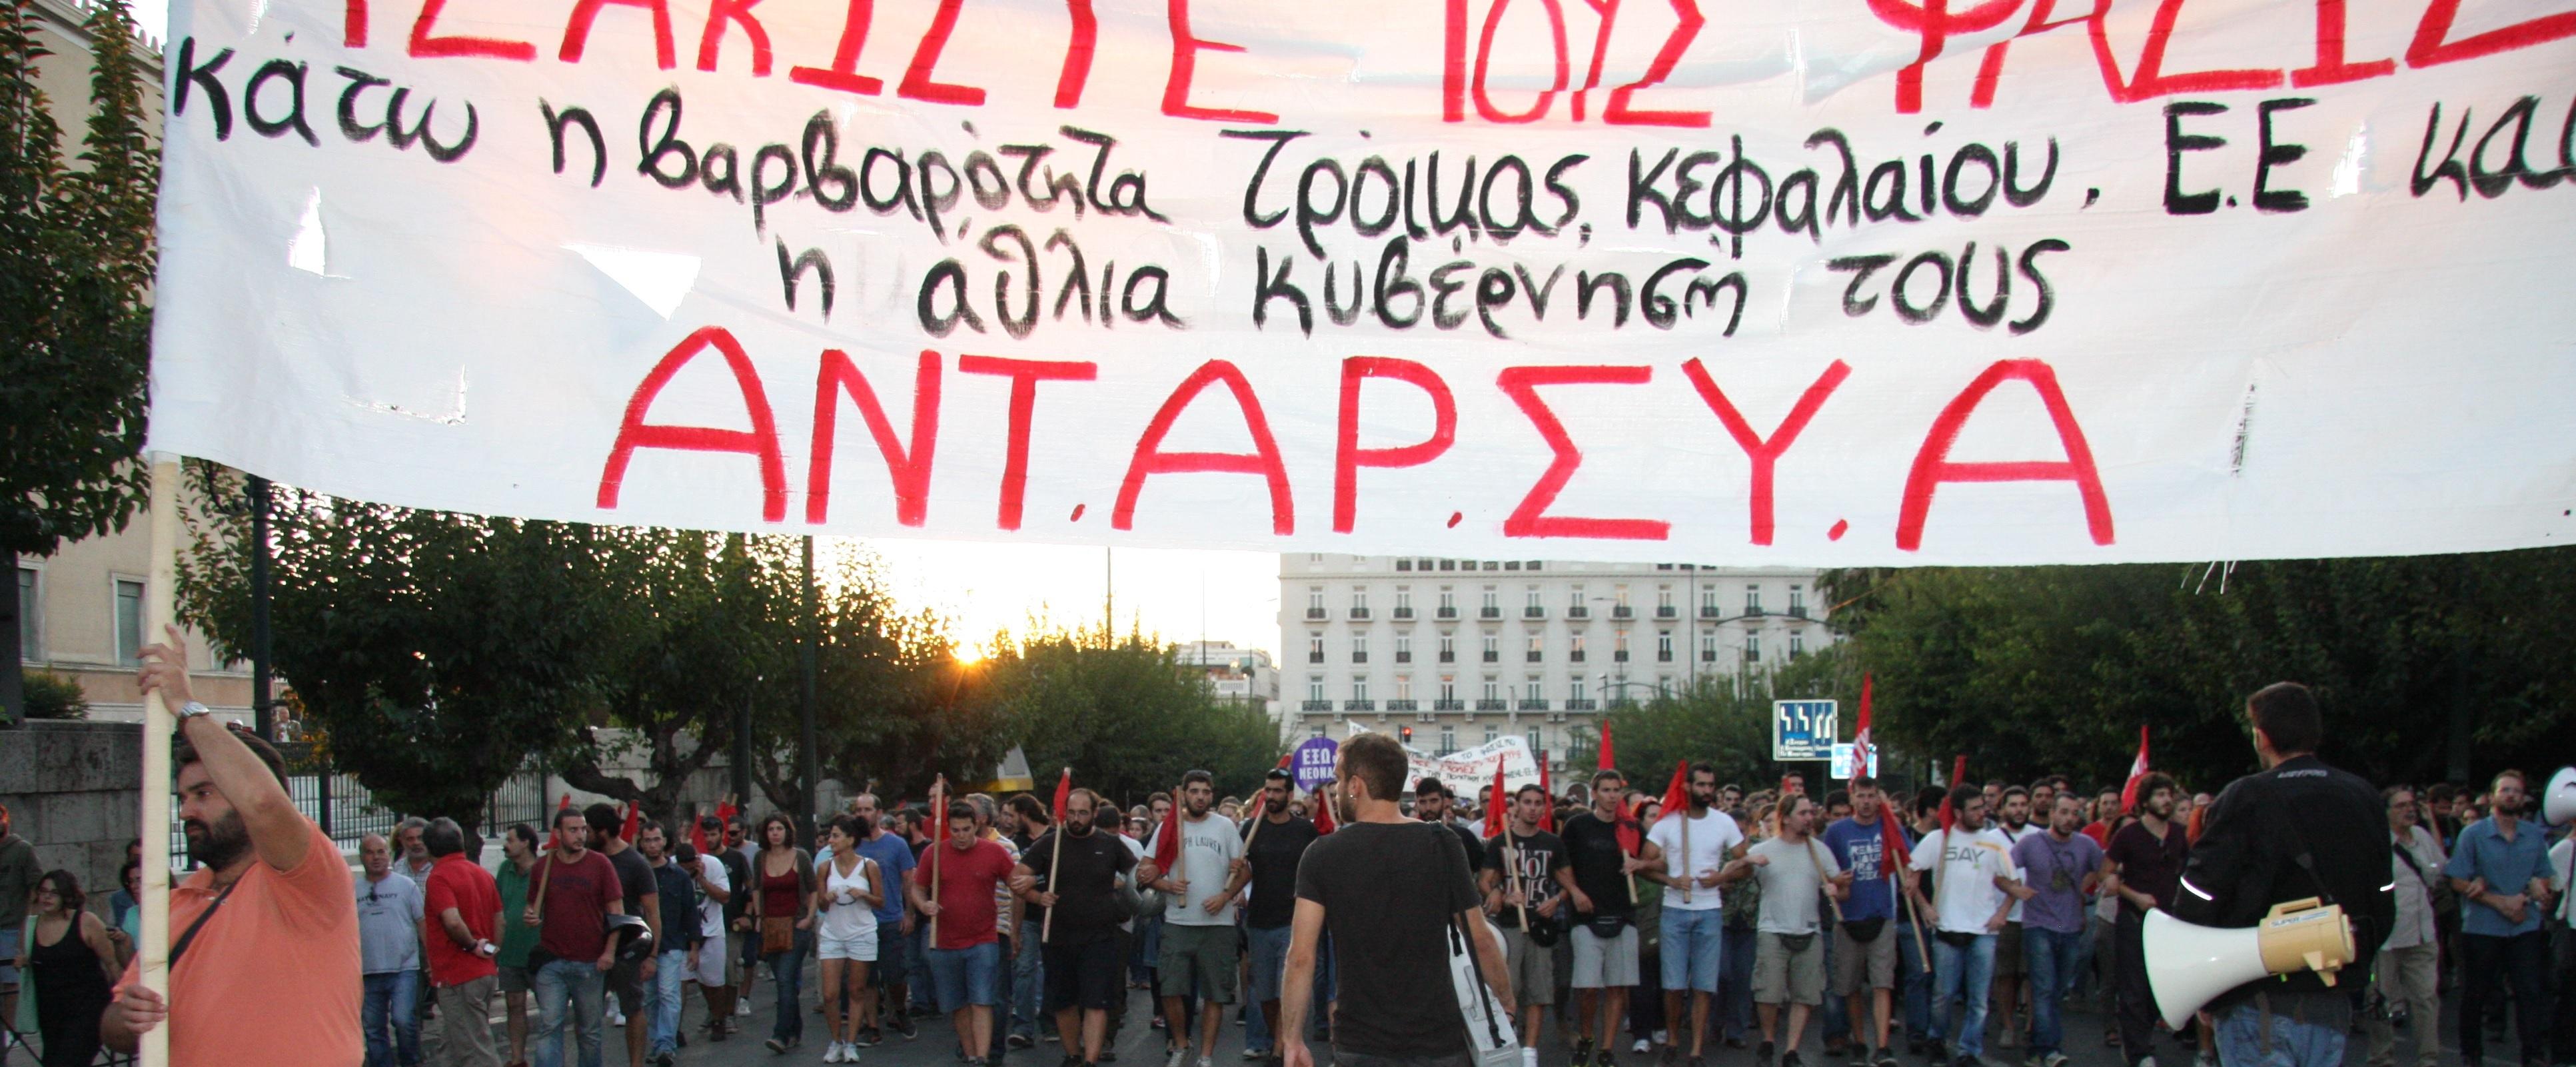 ΑΝΤΑΡΣΥΑ – ΜΑΡΣ ενωμένη αντικαπιταλιστική Αριστερά